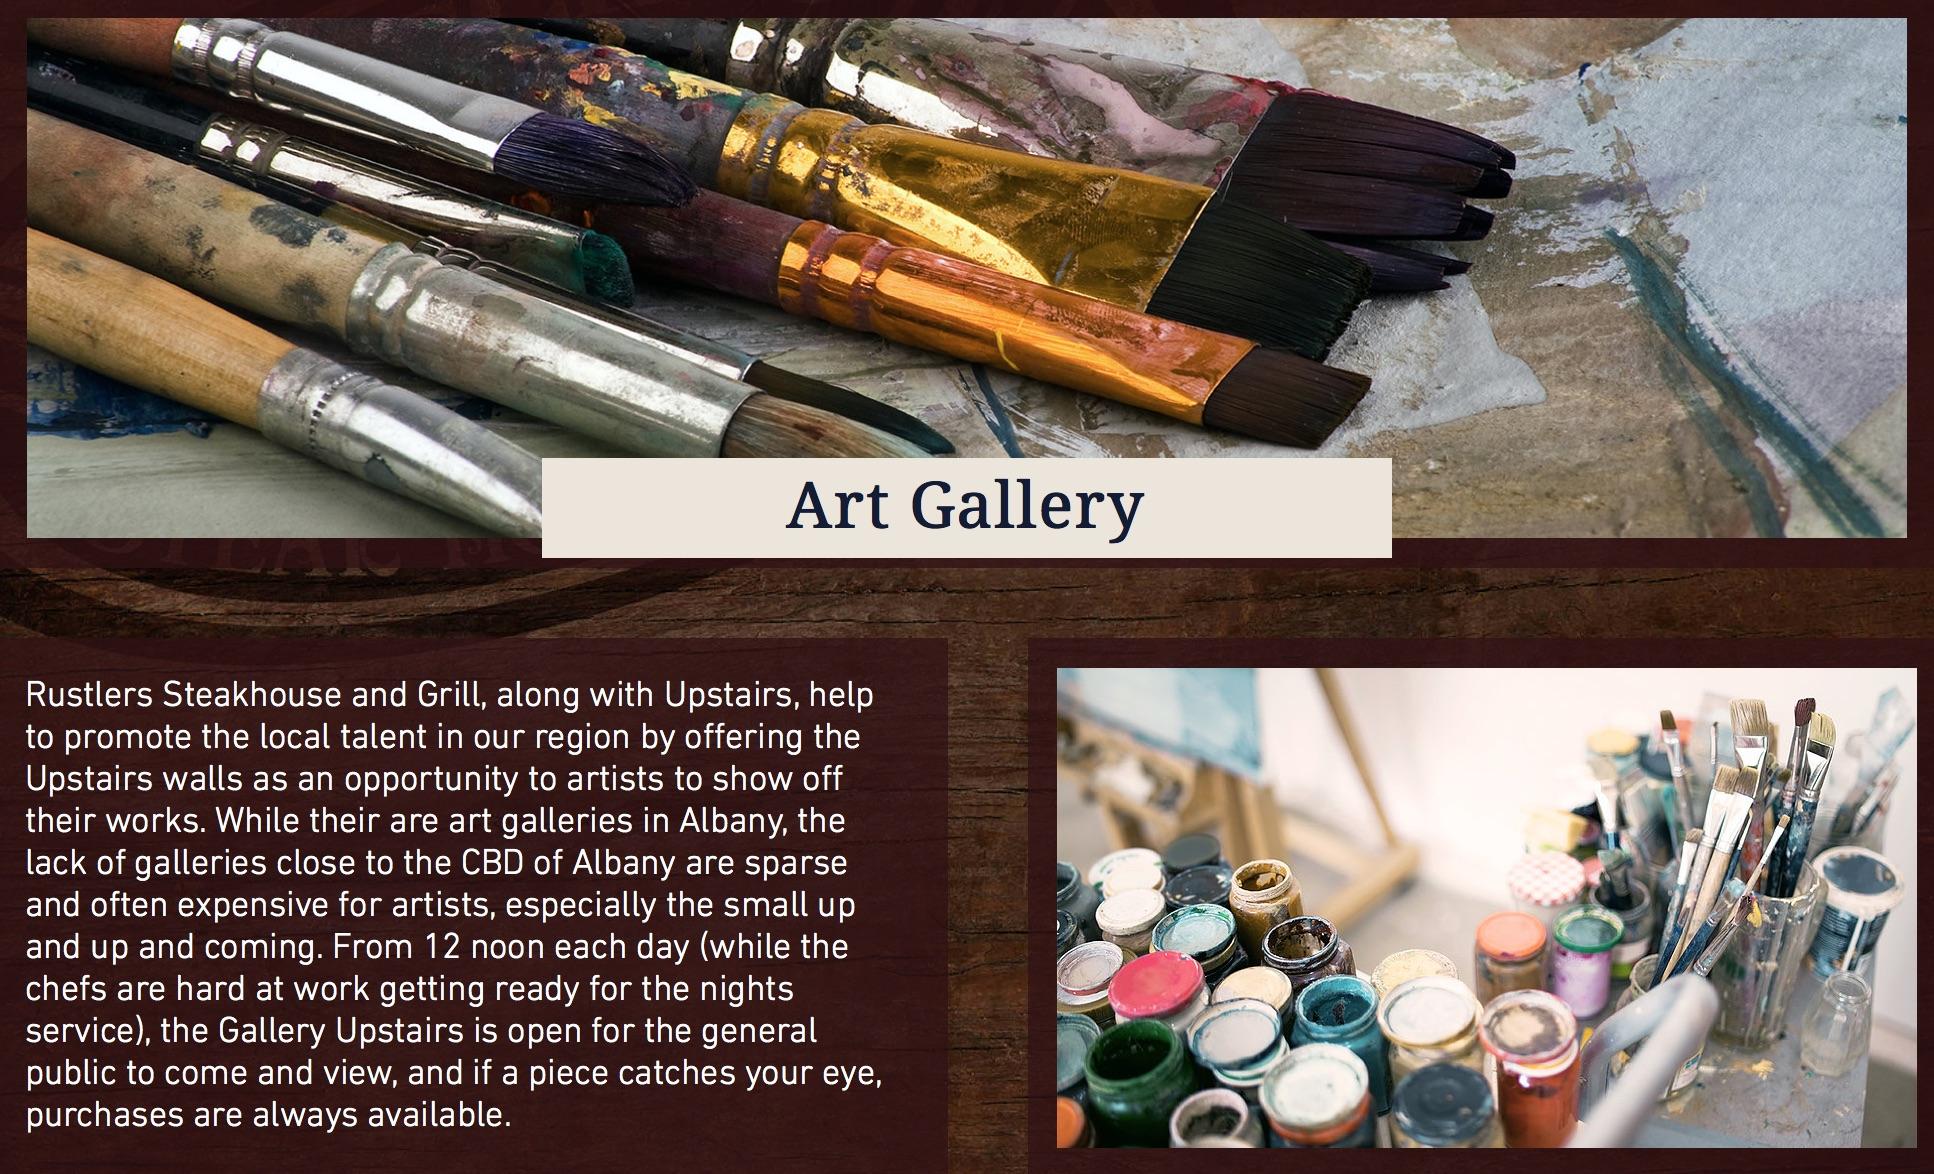 Rustlers Art Gallery